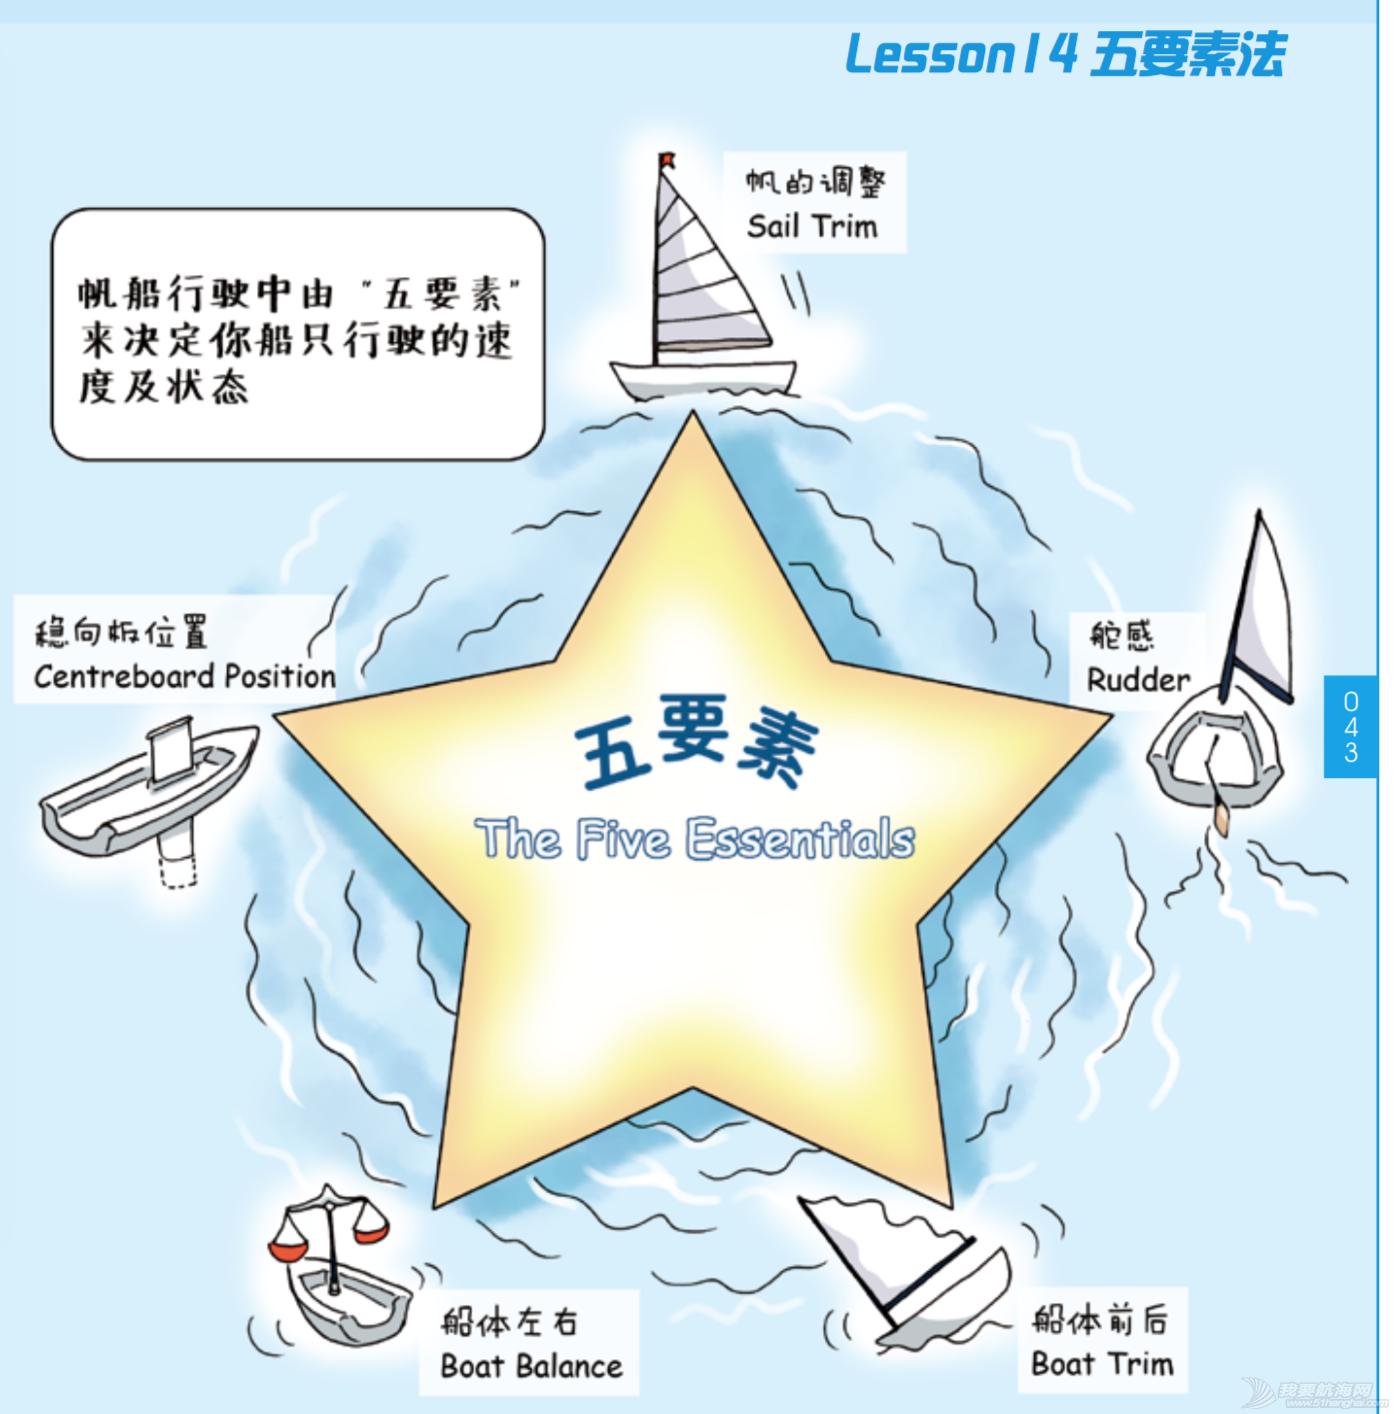 奥运冠军,帆船,连载 《跟奥运冠军学帆船》Lesson 14 五要素法 屏幕快照